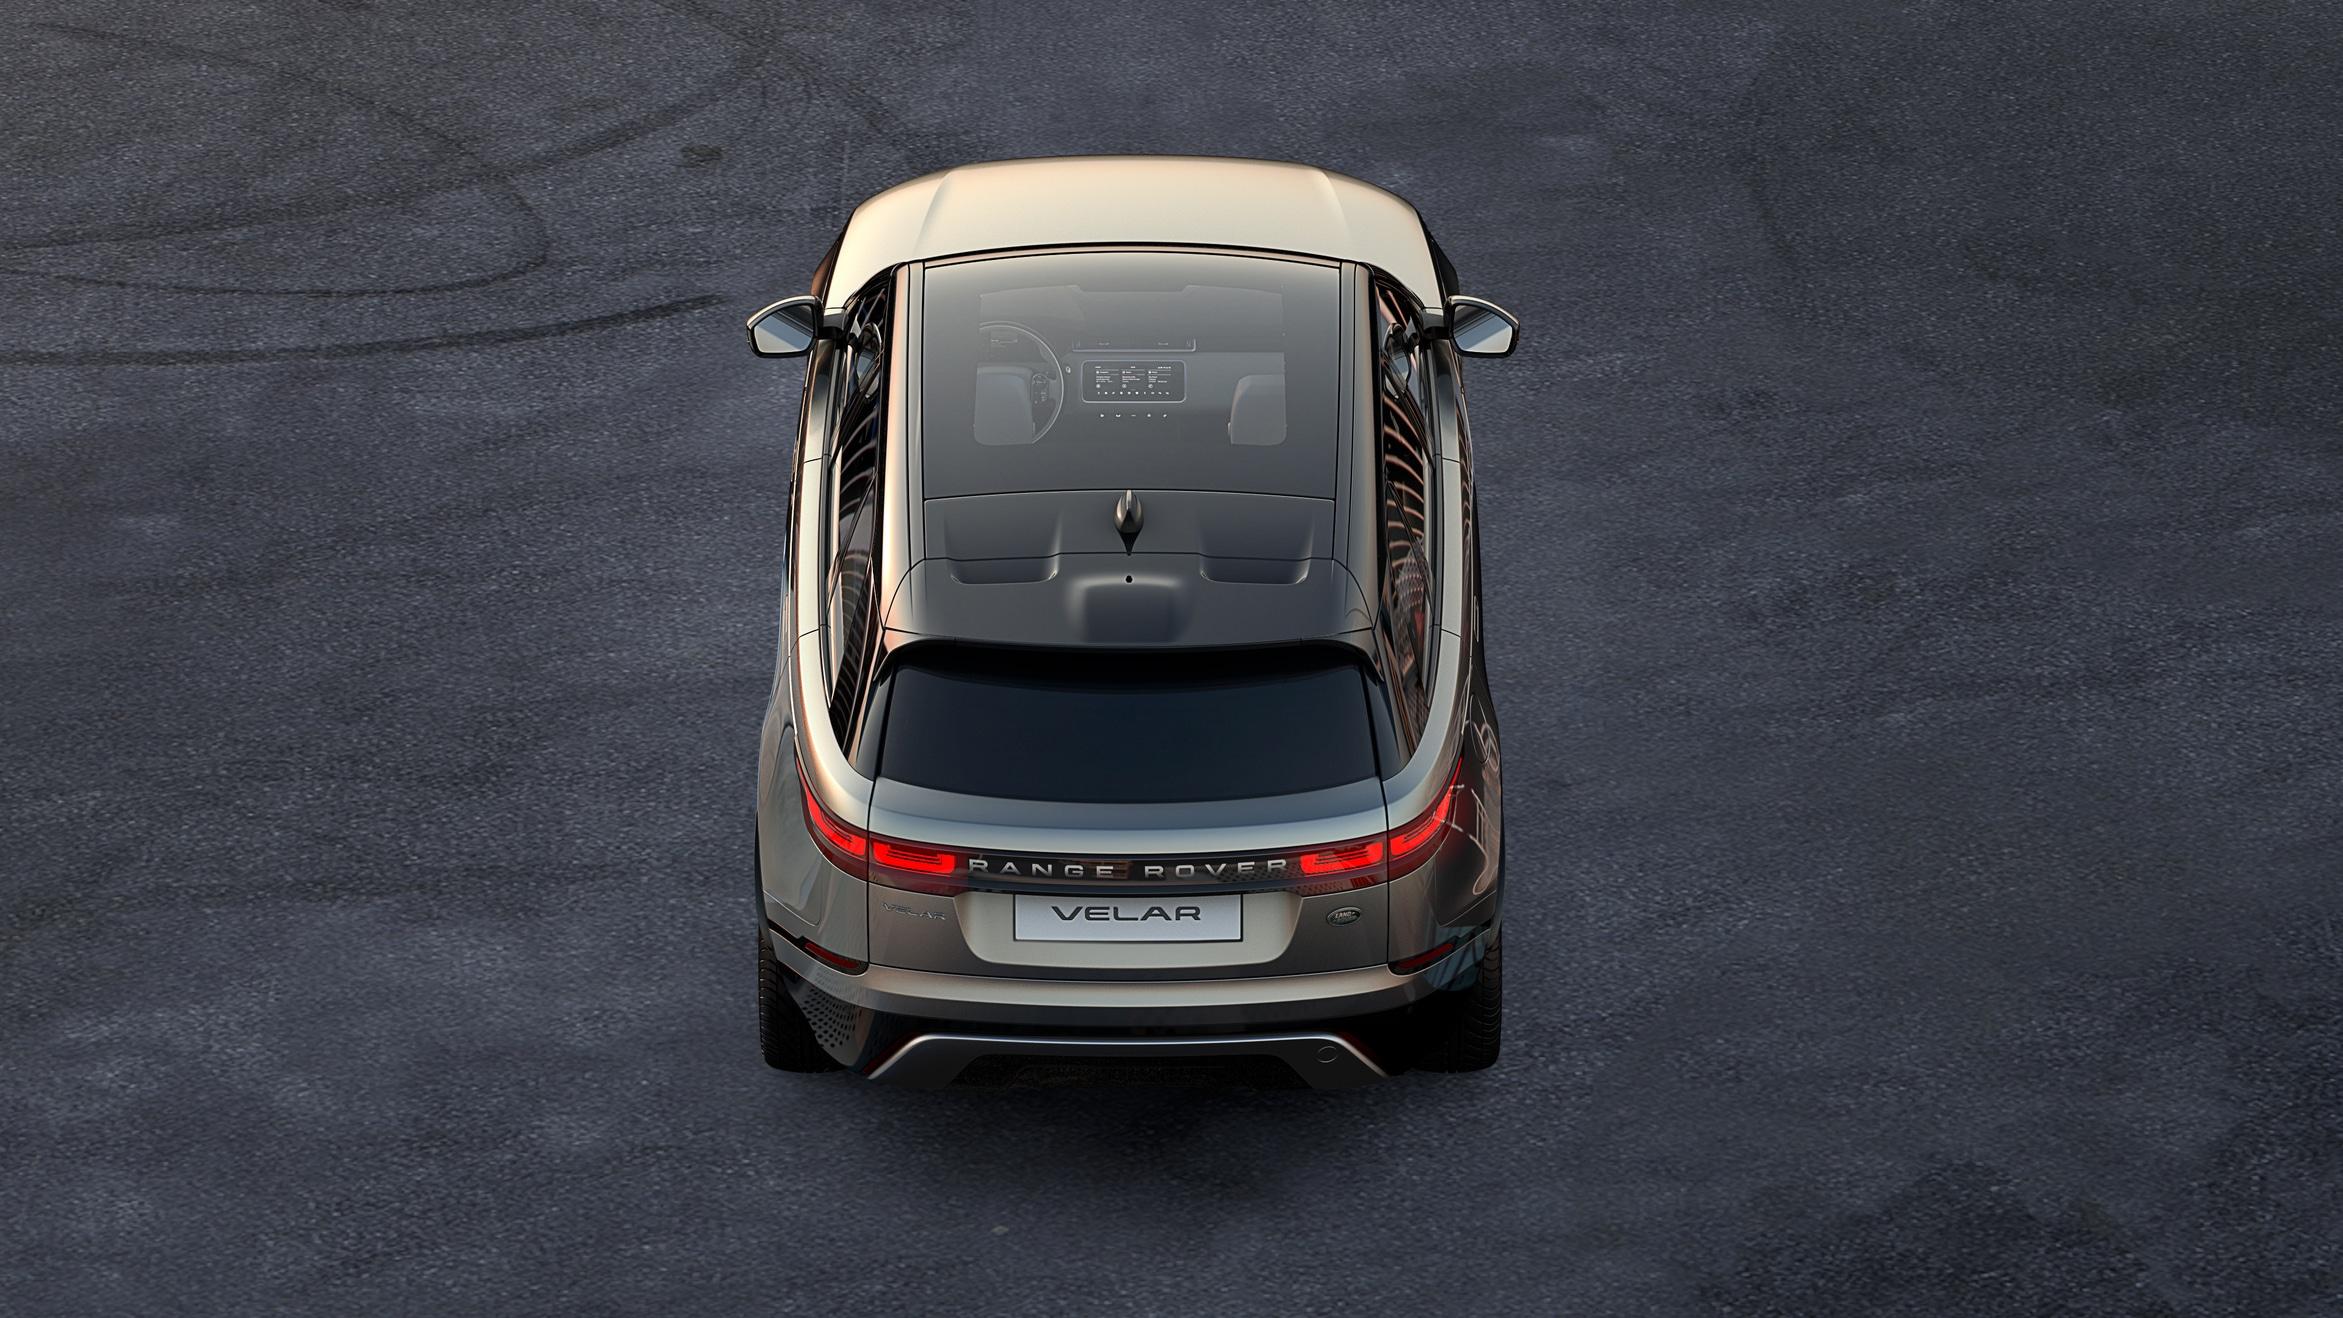 Nouveaux modèles / Range Rover Velar